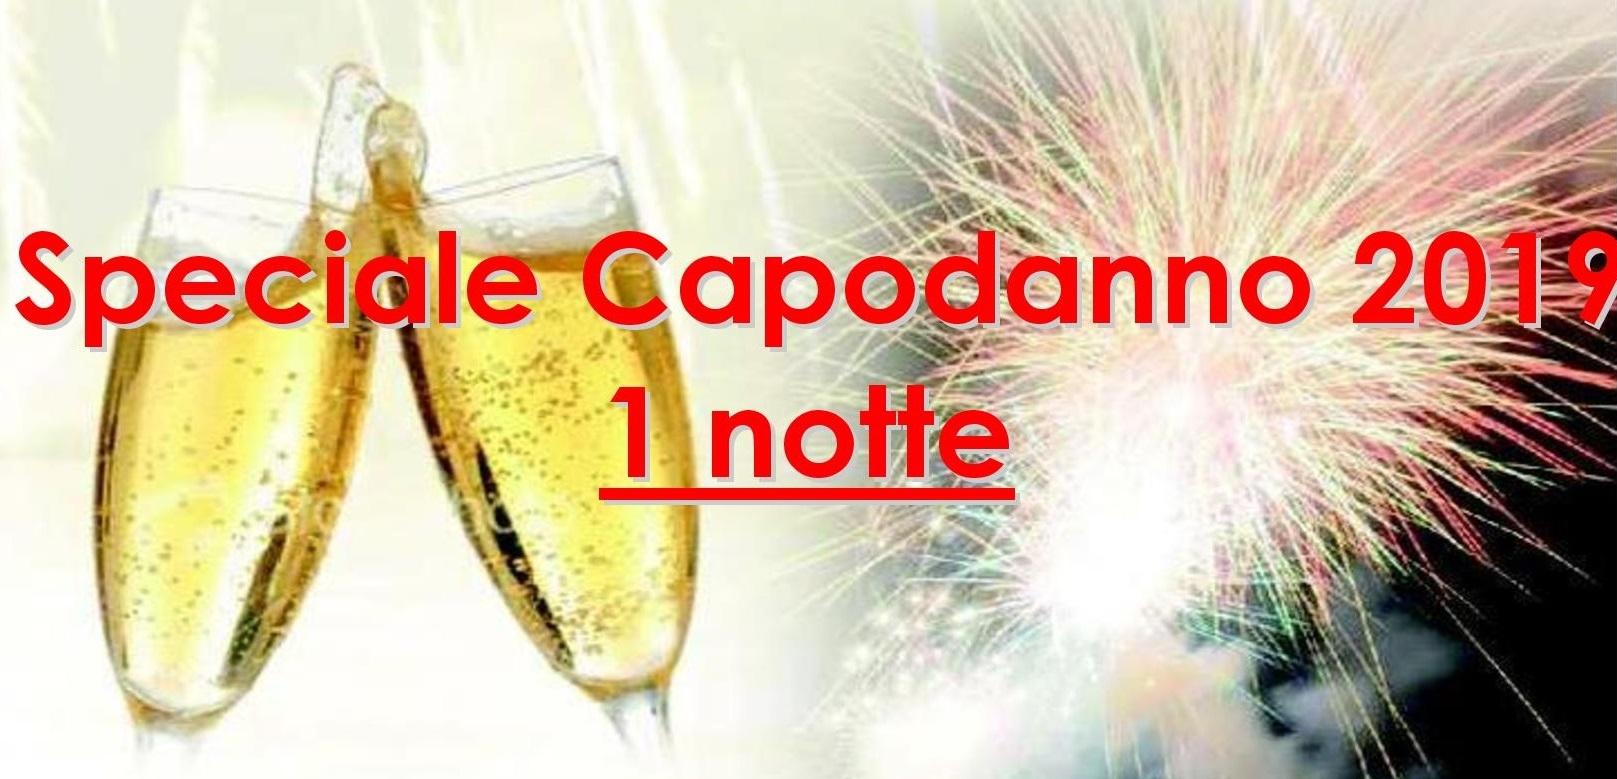 Capodanno 2019: Una notte ad Hotel Fontane Bianche